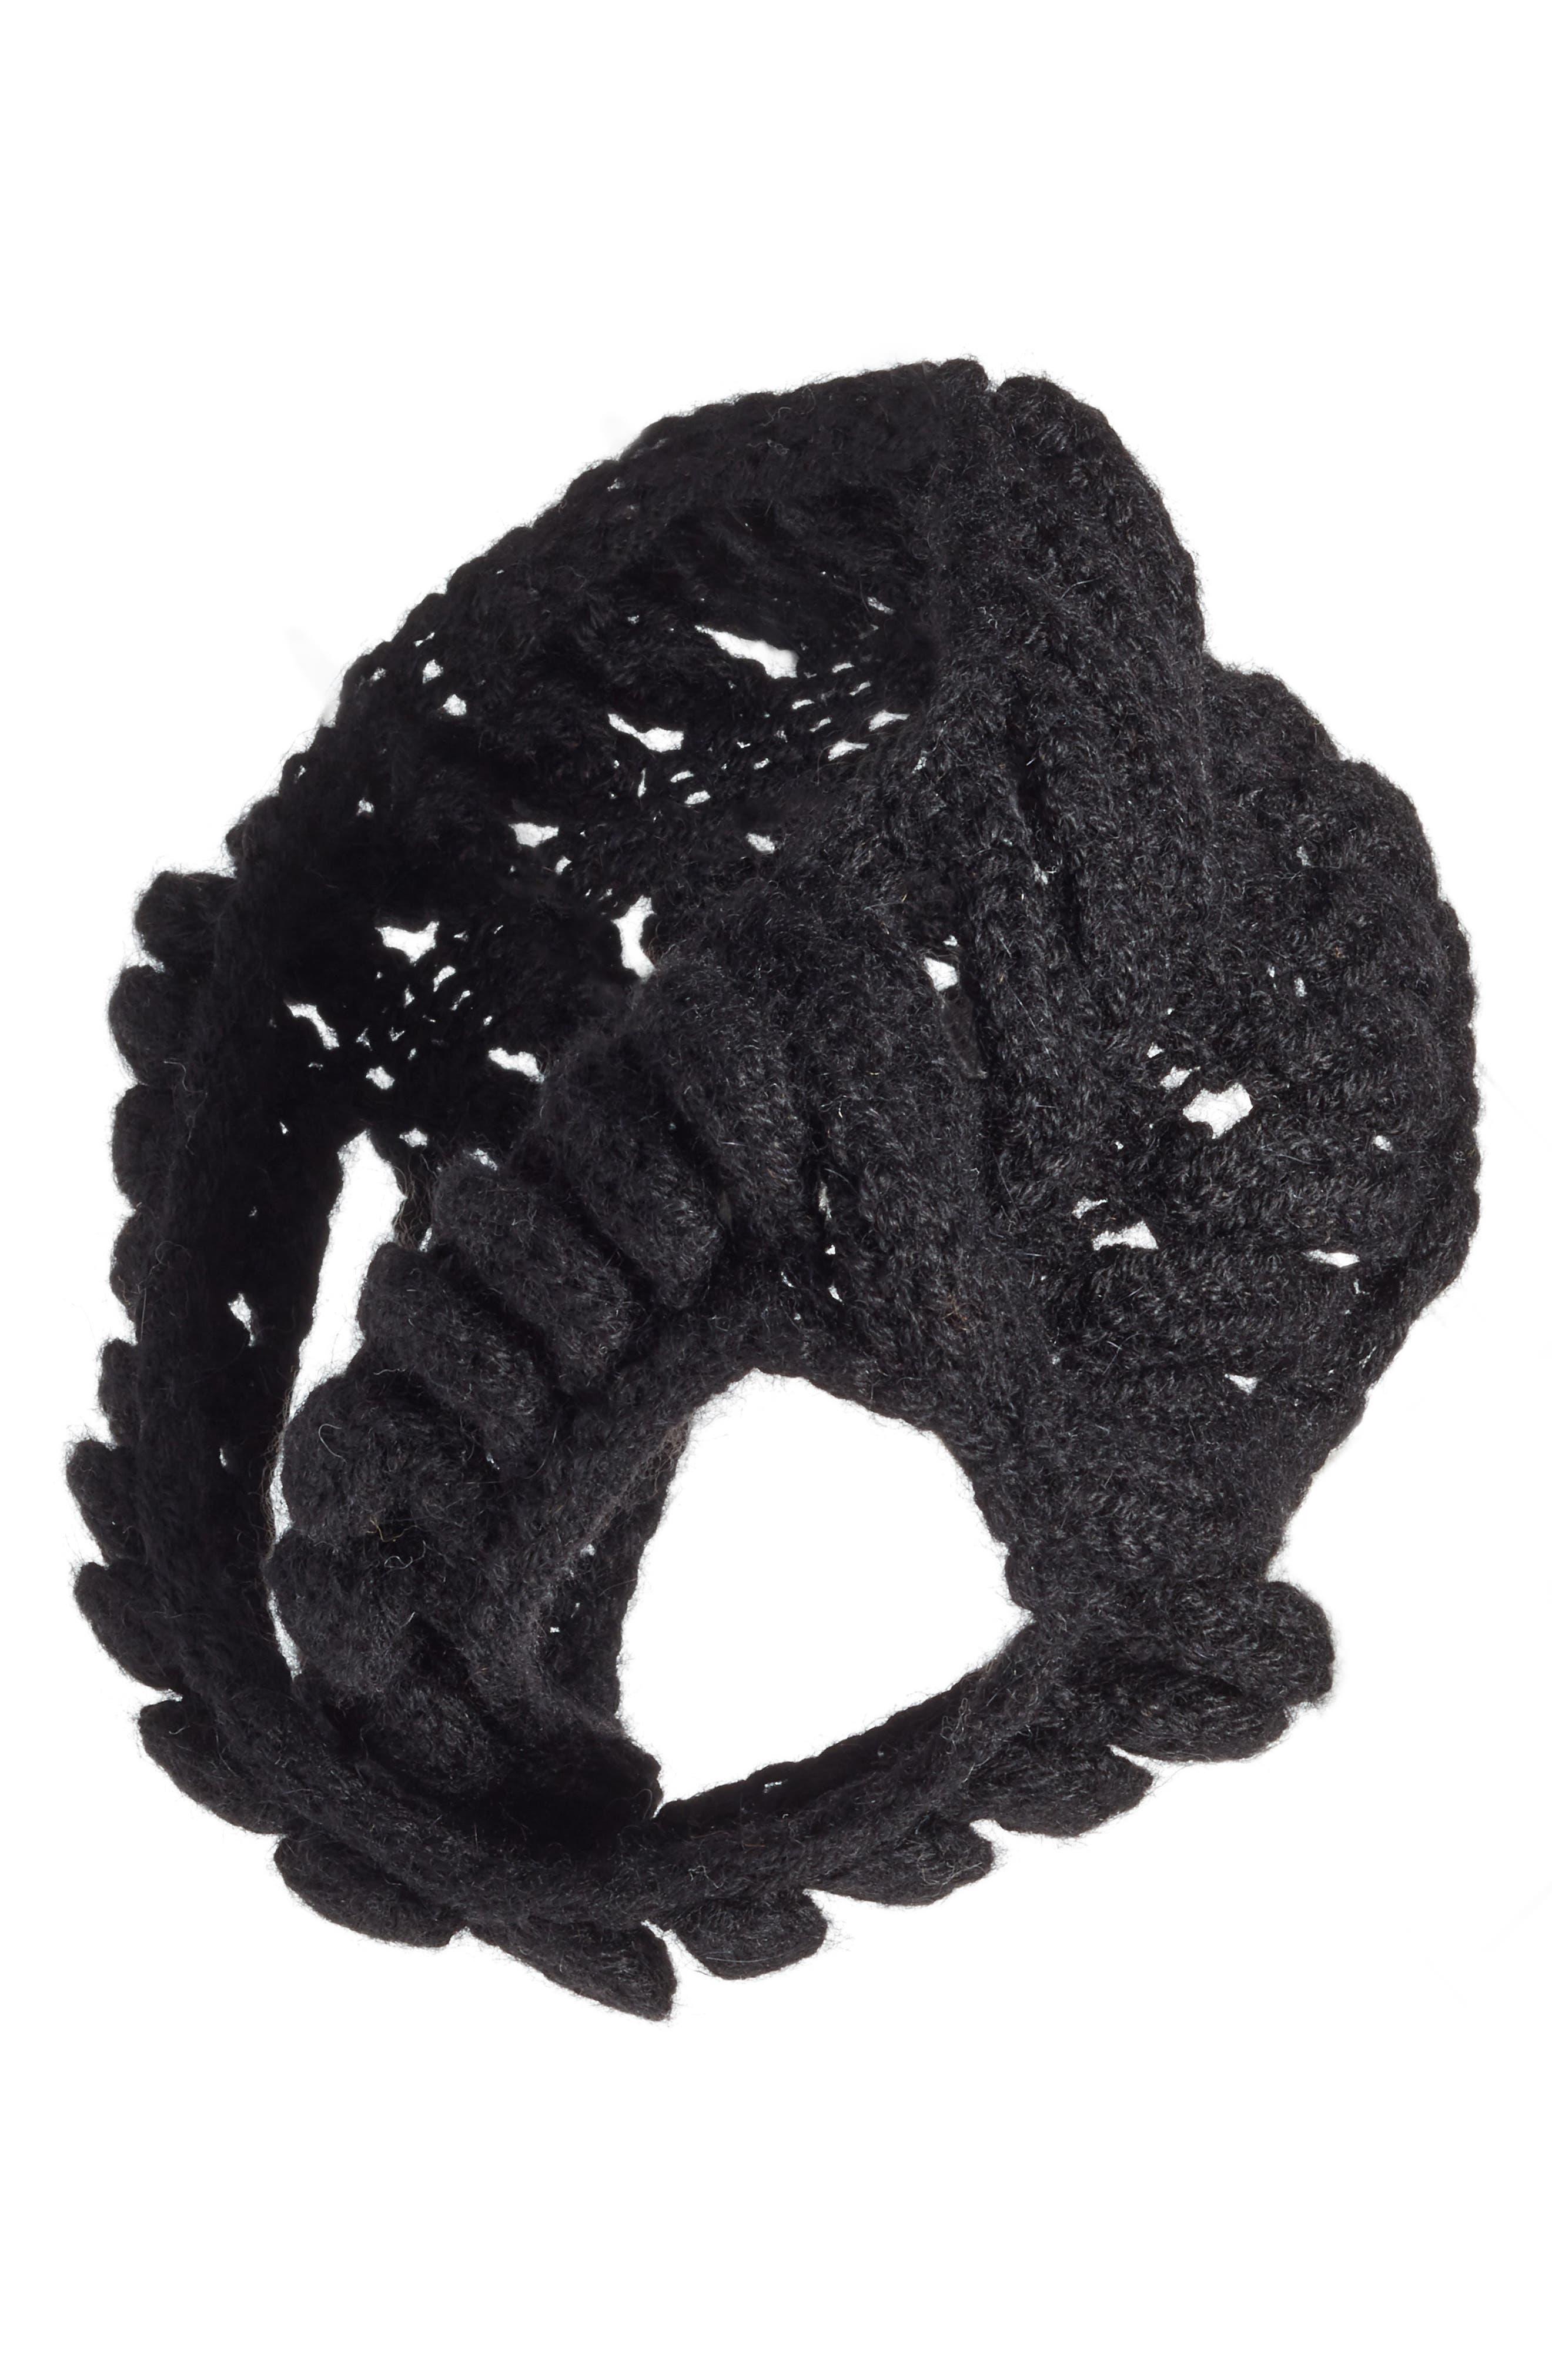 Soho Alpaca Headband,                             Main thumbnail 1, color,                             Black